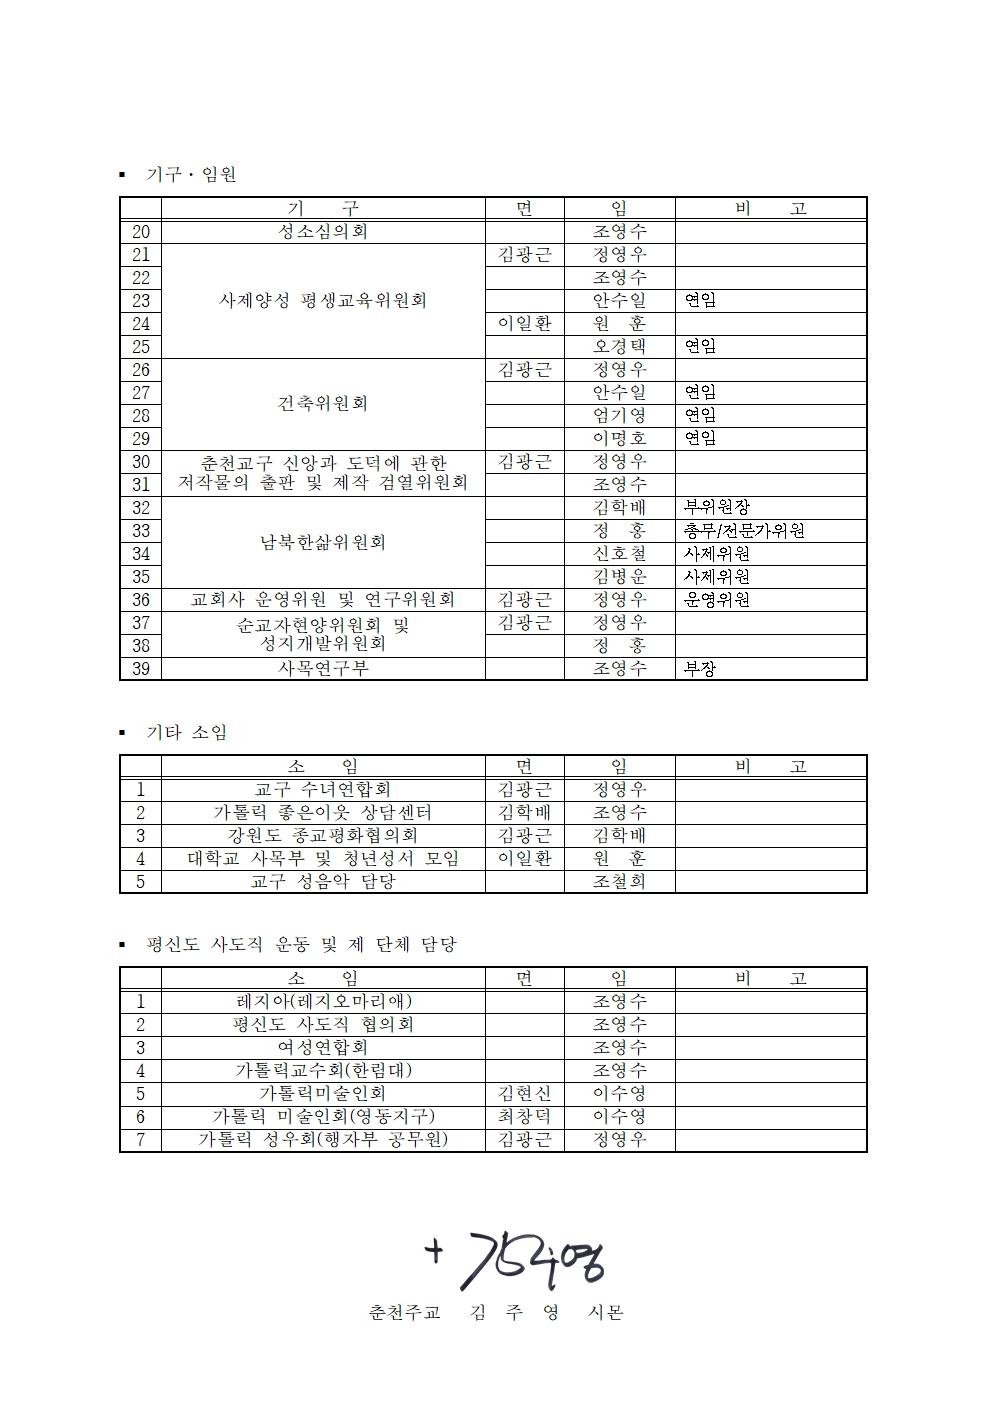 춘교 21-021호 정기 인사발령에 따른 후속인사002.jpg